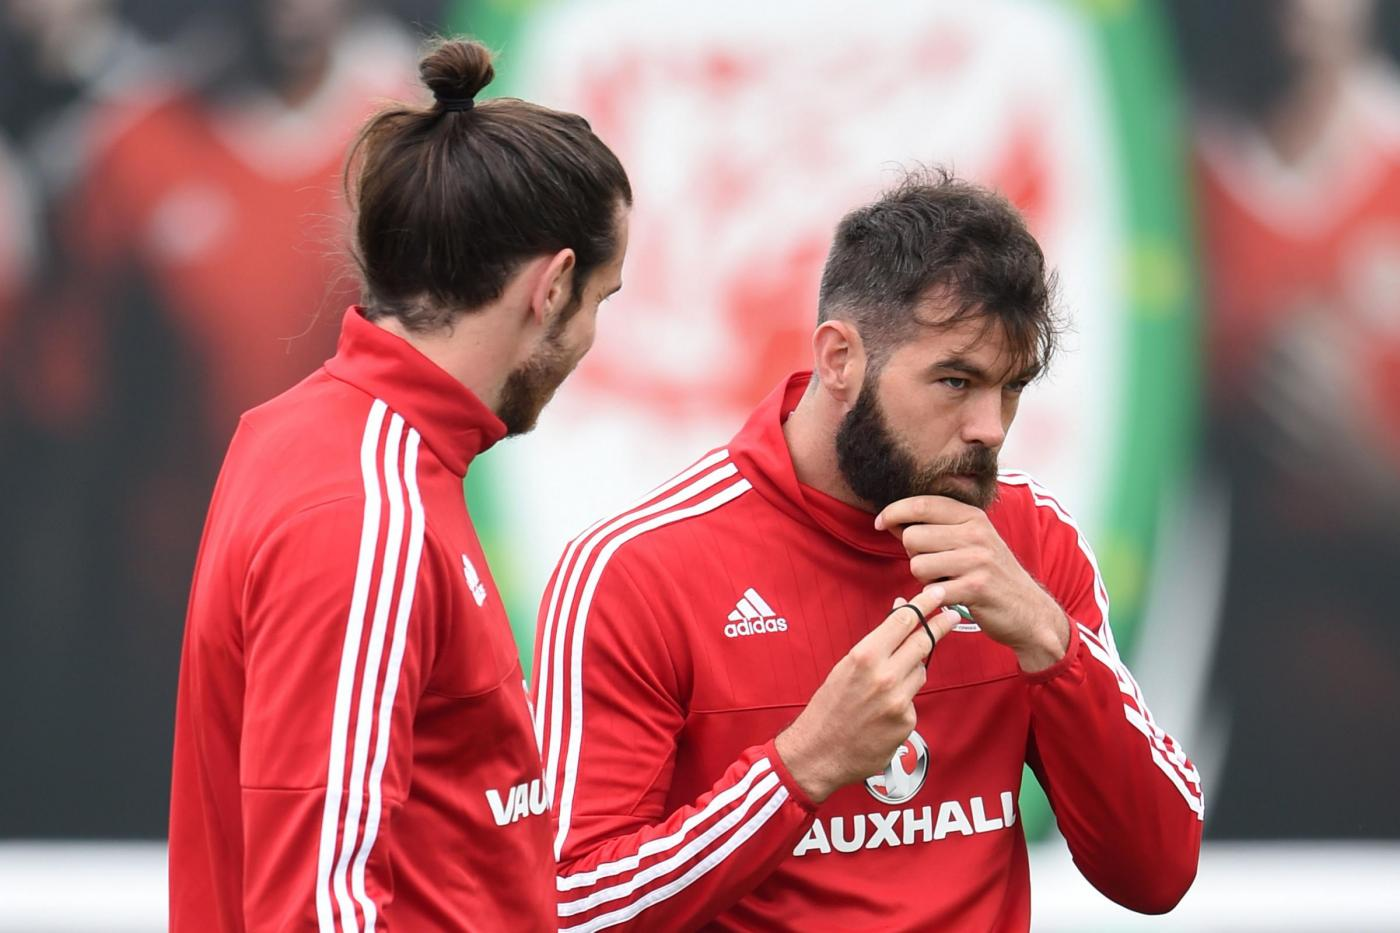 Derby col Galles, le#39;Inghilterra non può sbagliare. Bale accende la vigilia